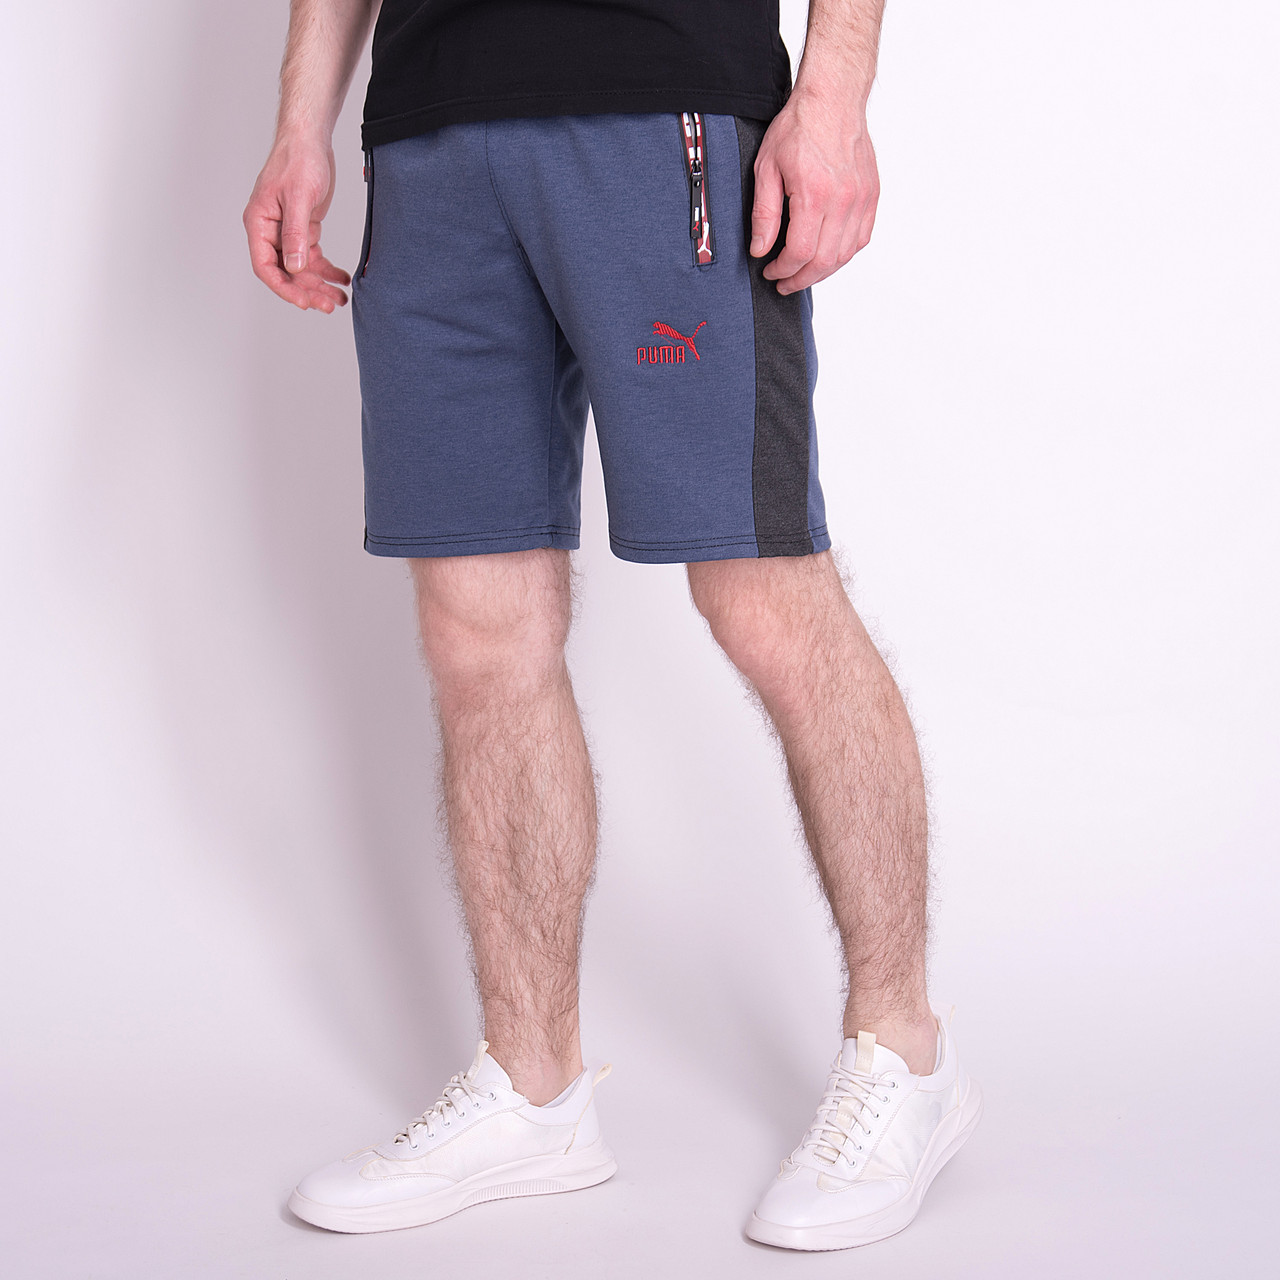 Чоловічі трикотажні шорти PUMA, кольору джинс